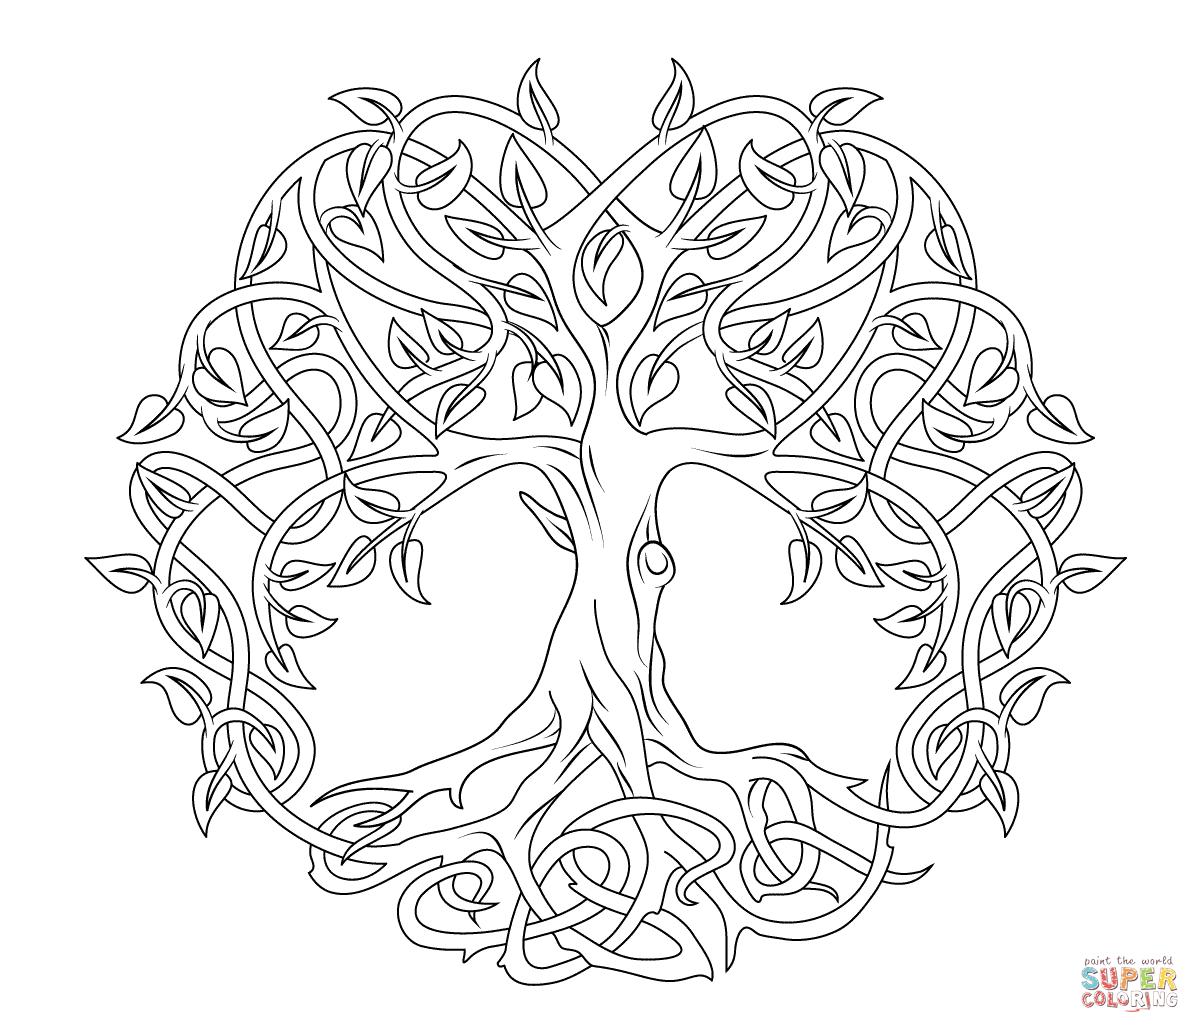 keltischer lebensbaum super coloring mandala. Black Bedroom Furniture Sets. Home Design Ideas